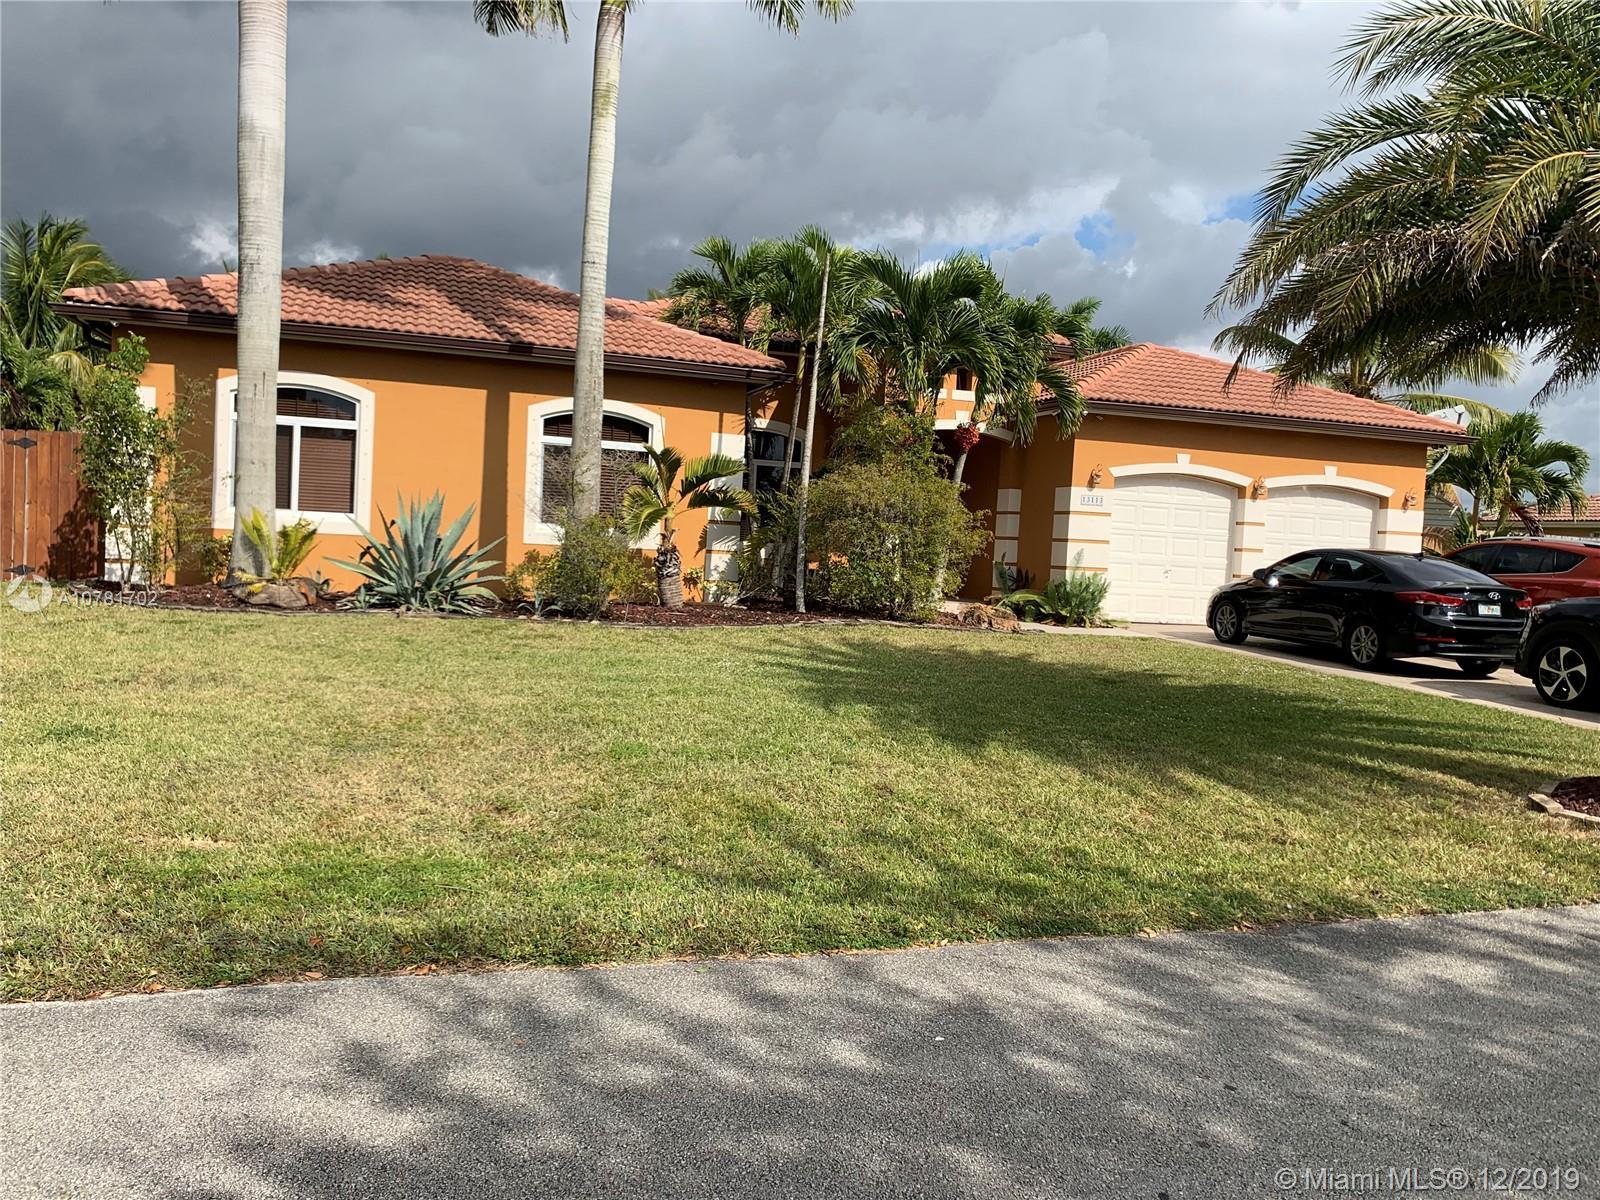 13113 SW 213th Ter, Miami, FL 33177